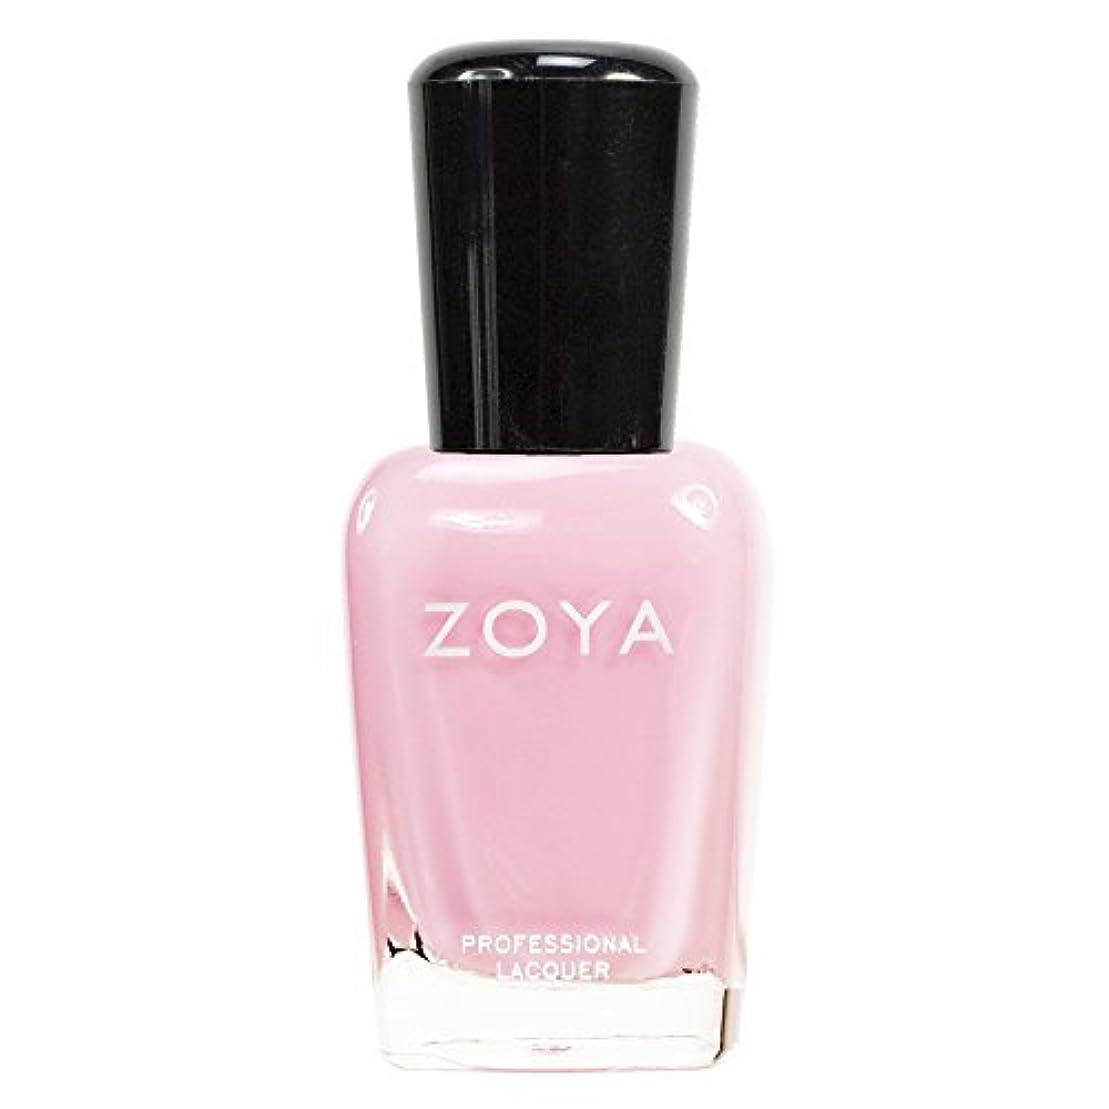 障害モットー翻訳者ZOYA ゾーヤ ネイルカラーZP315 BELA ベラ 15ml 淡く優しいクリーミーなピンク マット 爪にやさしいネイルラッカーマニキュア